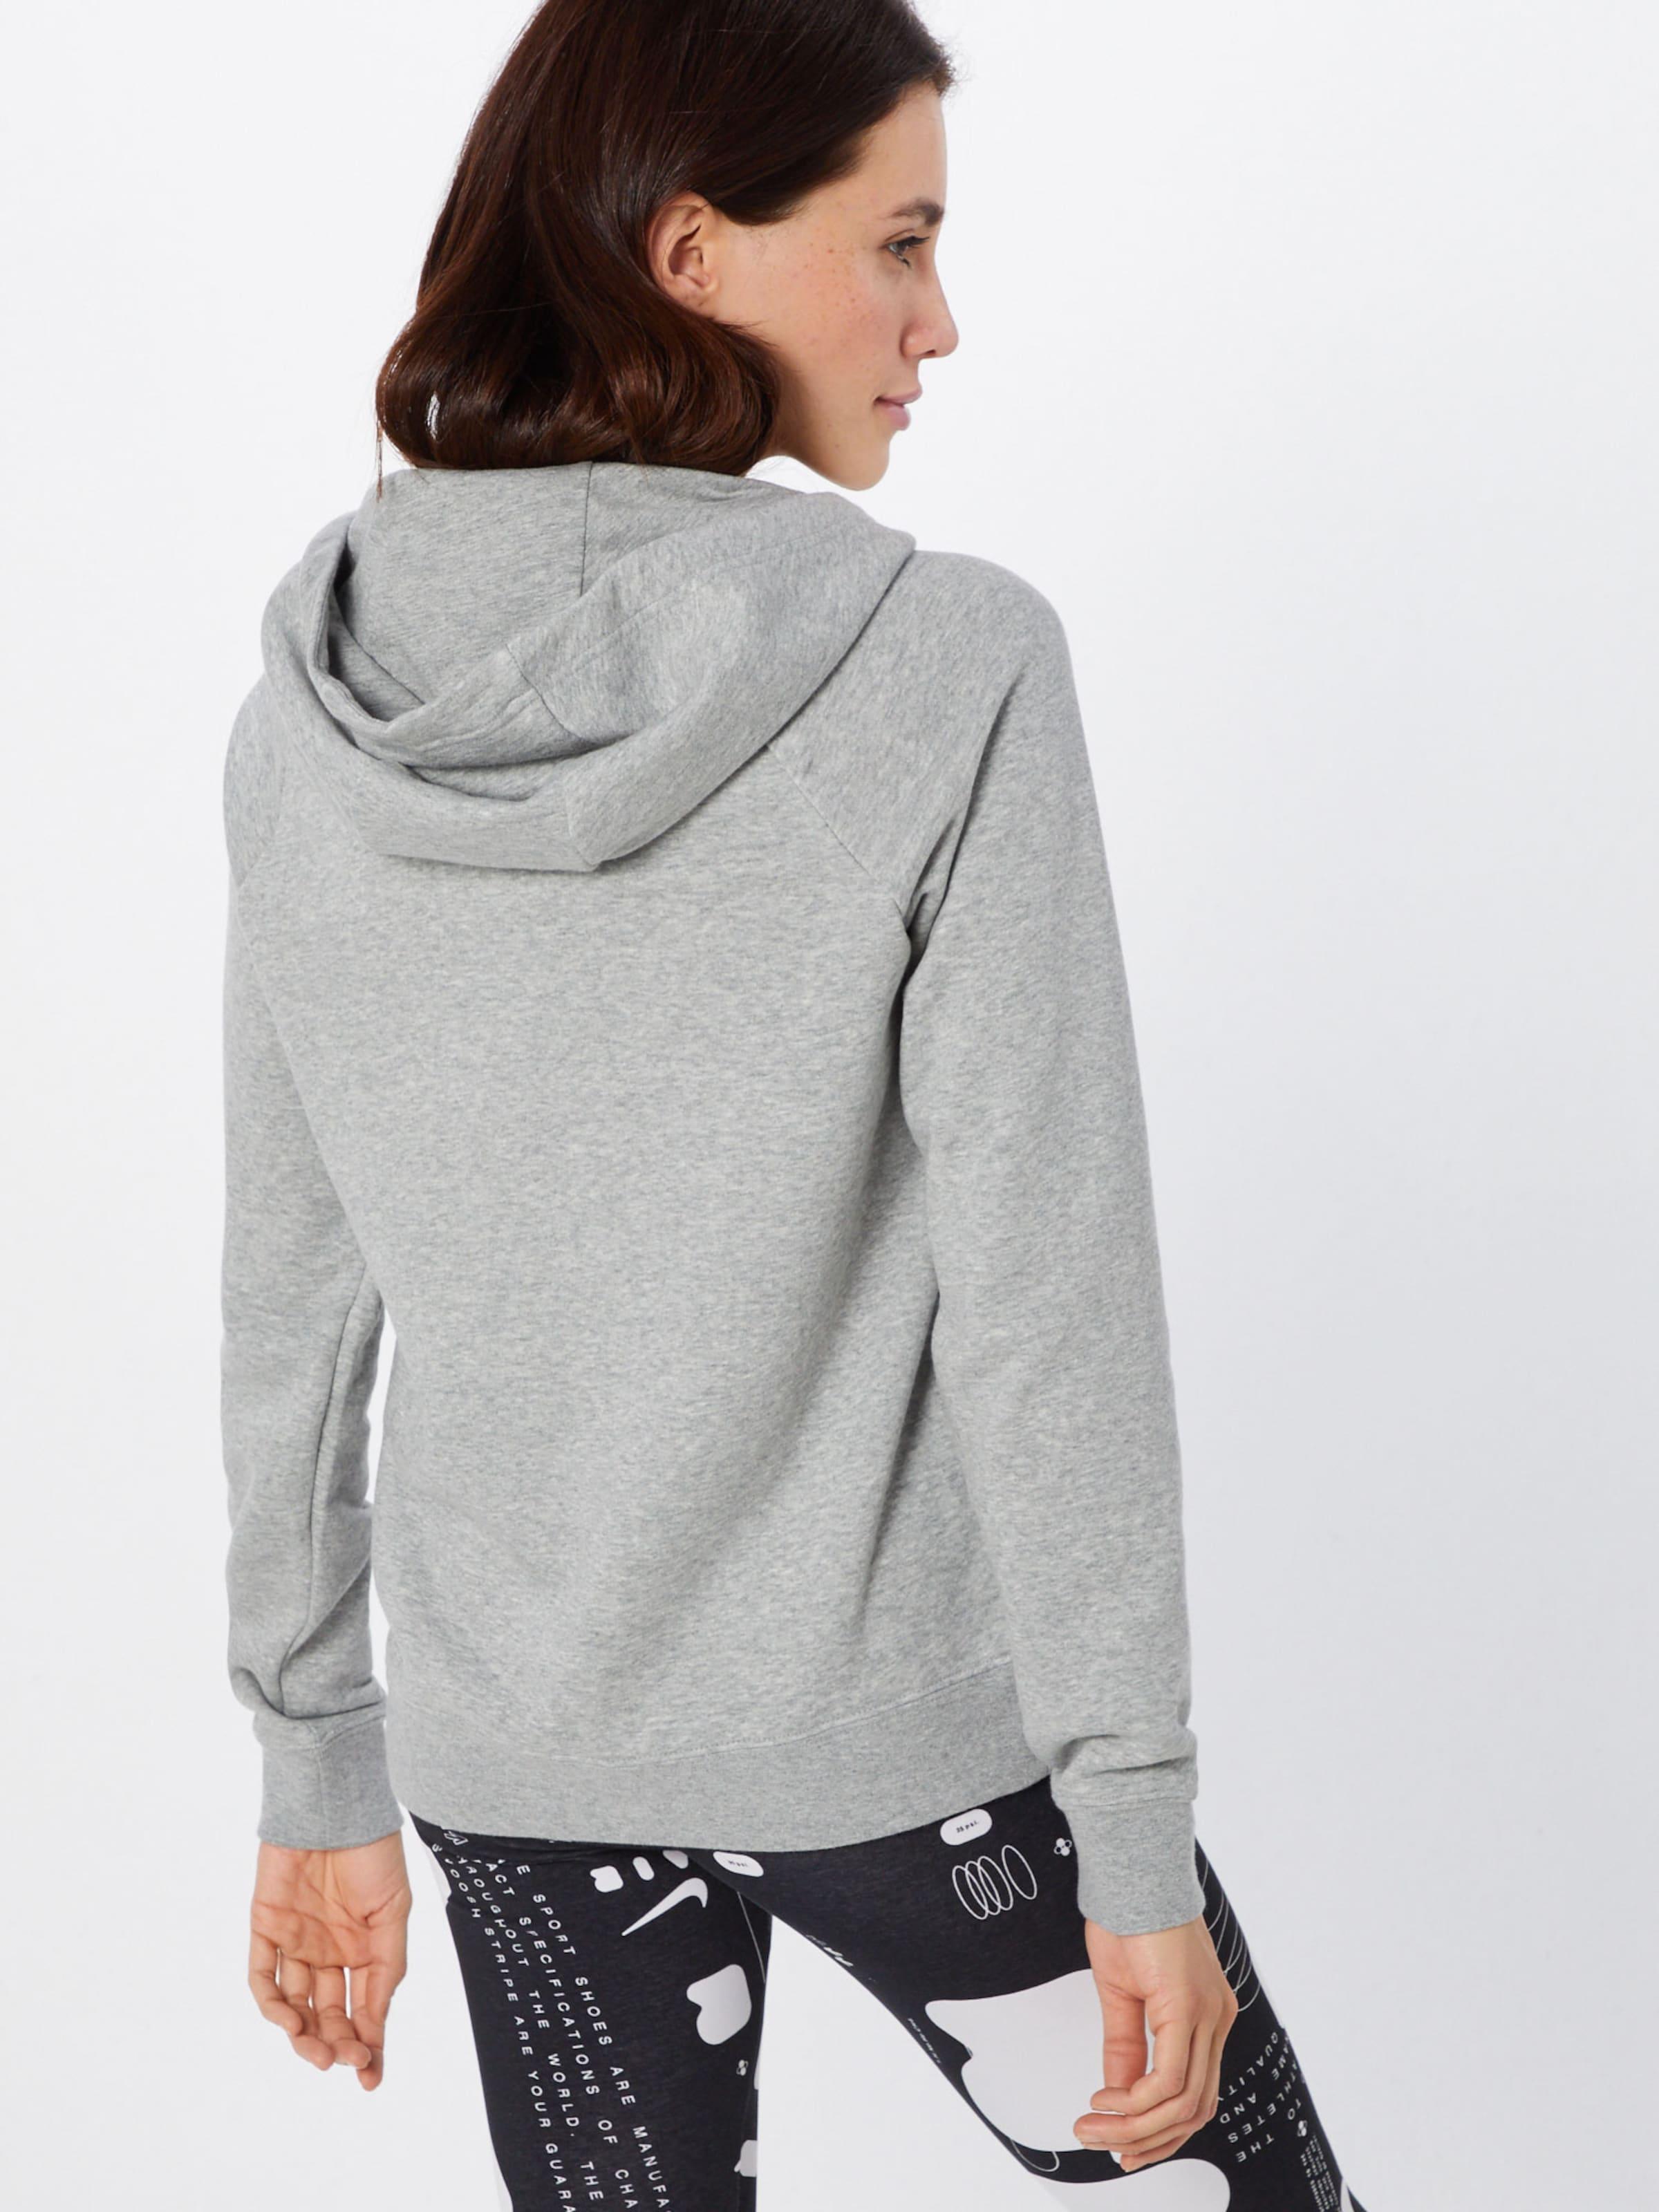 shirt Nike Sportswear En Sweat Gris XOPukZiT